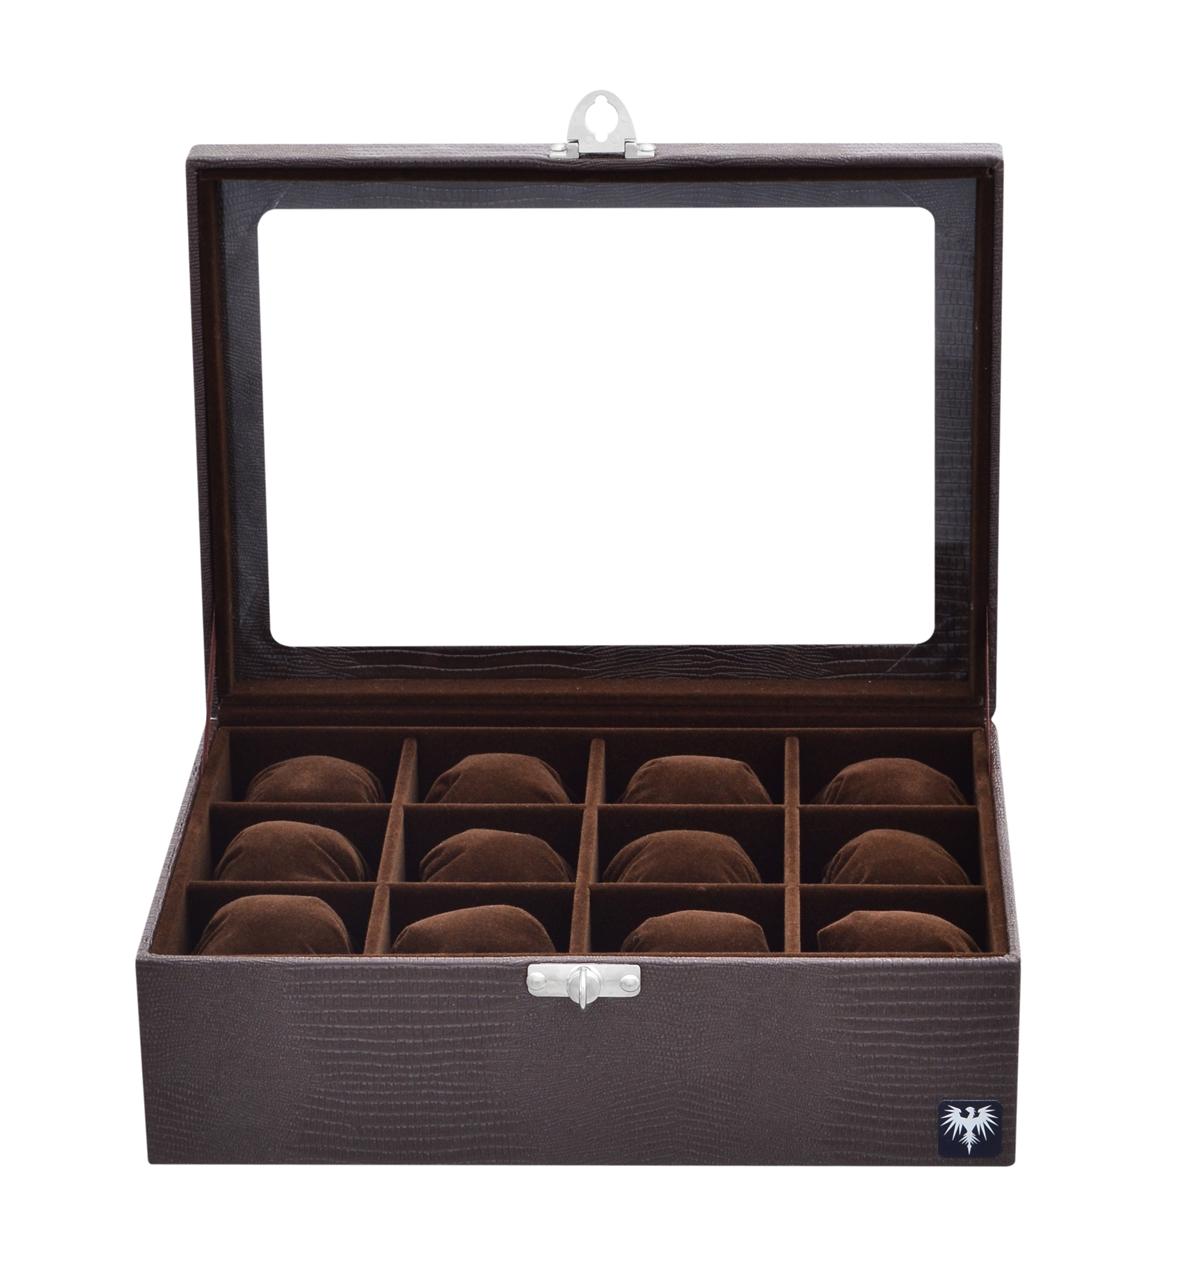 estojo-couro-ecologico-12-relogios-marrom-marrom-porta-caixa-imagem-5.jpg